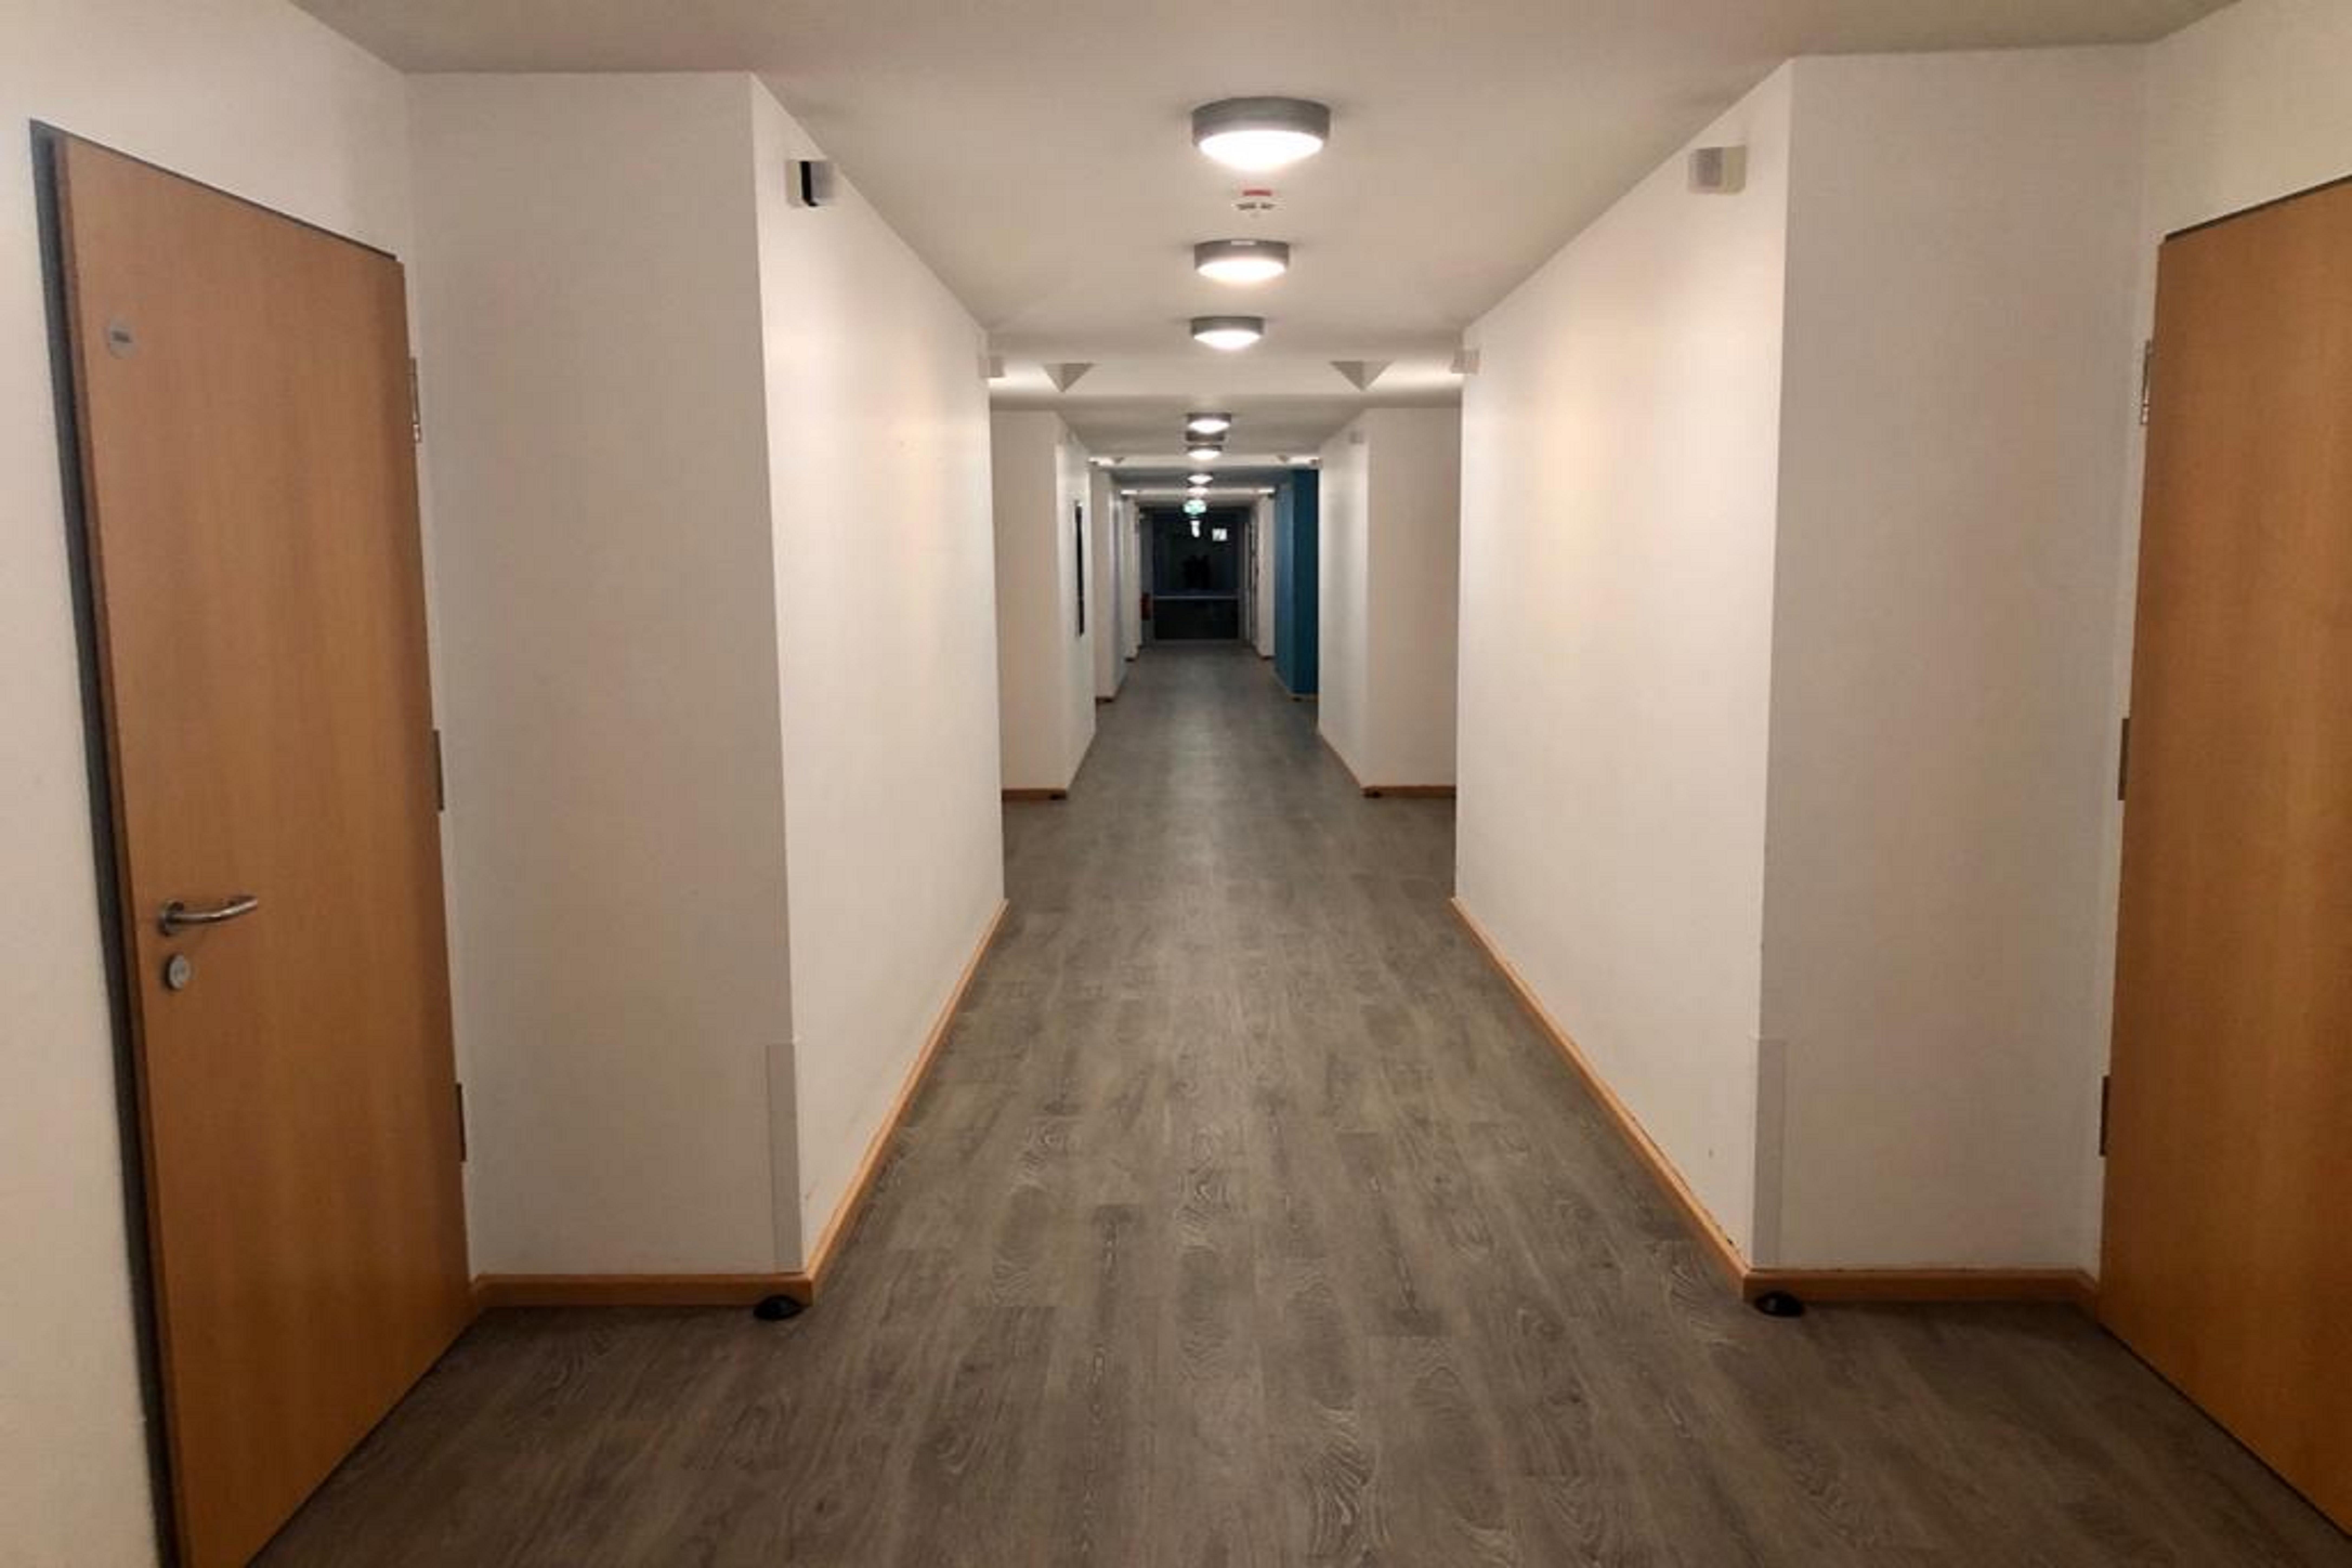 Niederrhein Klinik Korschenbroich